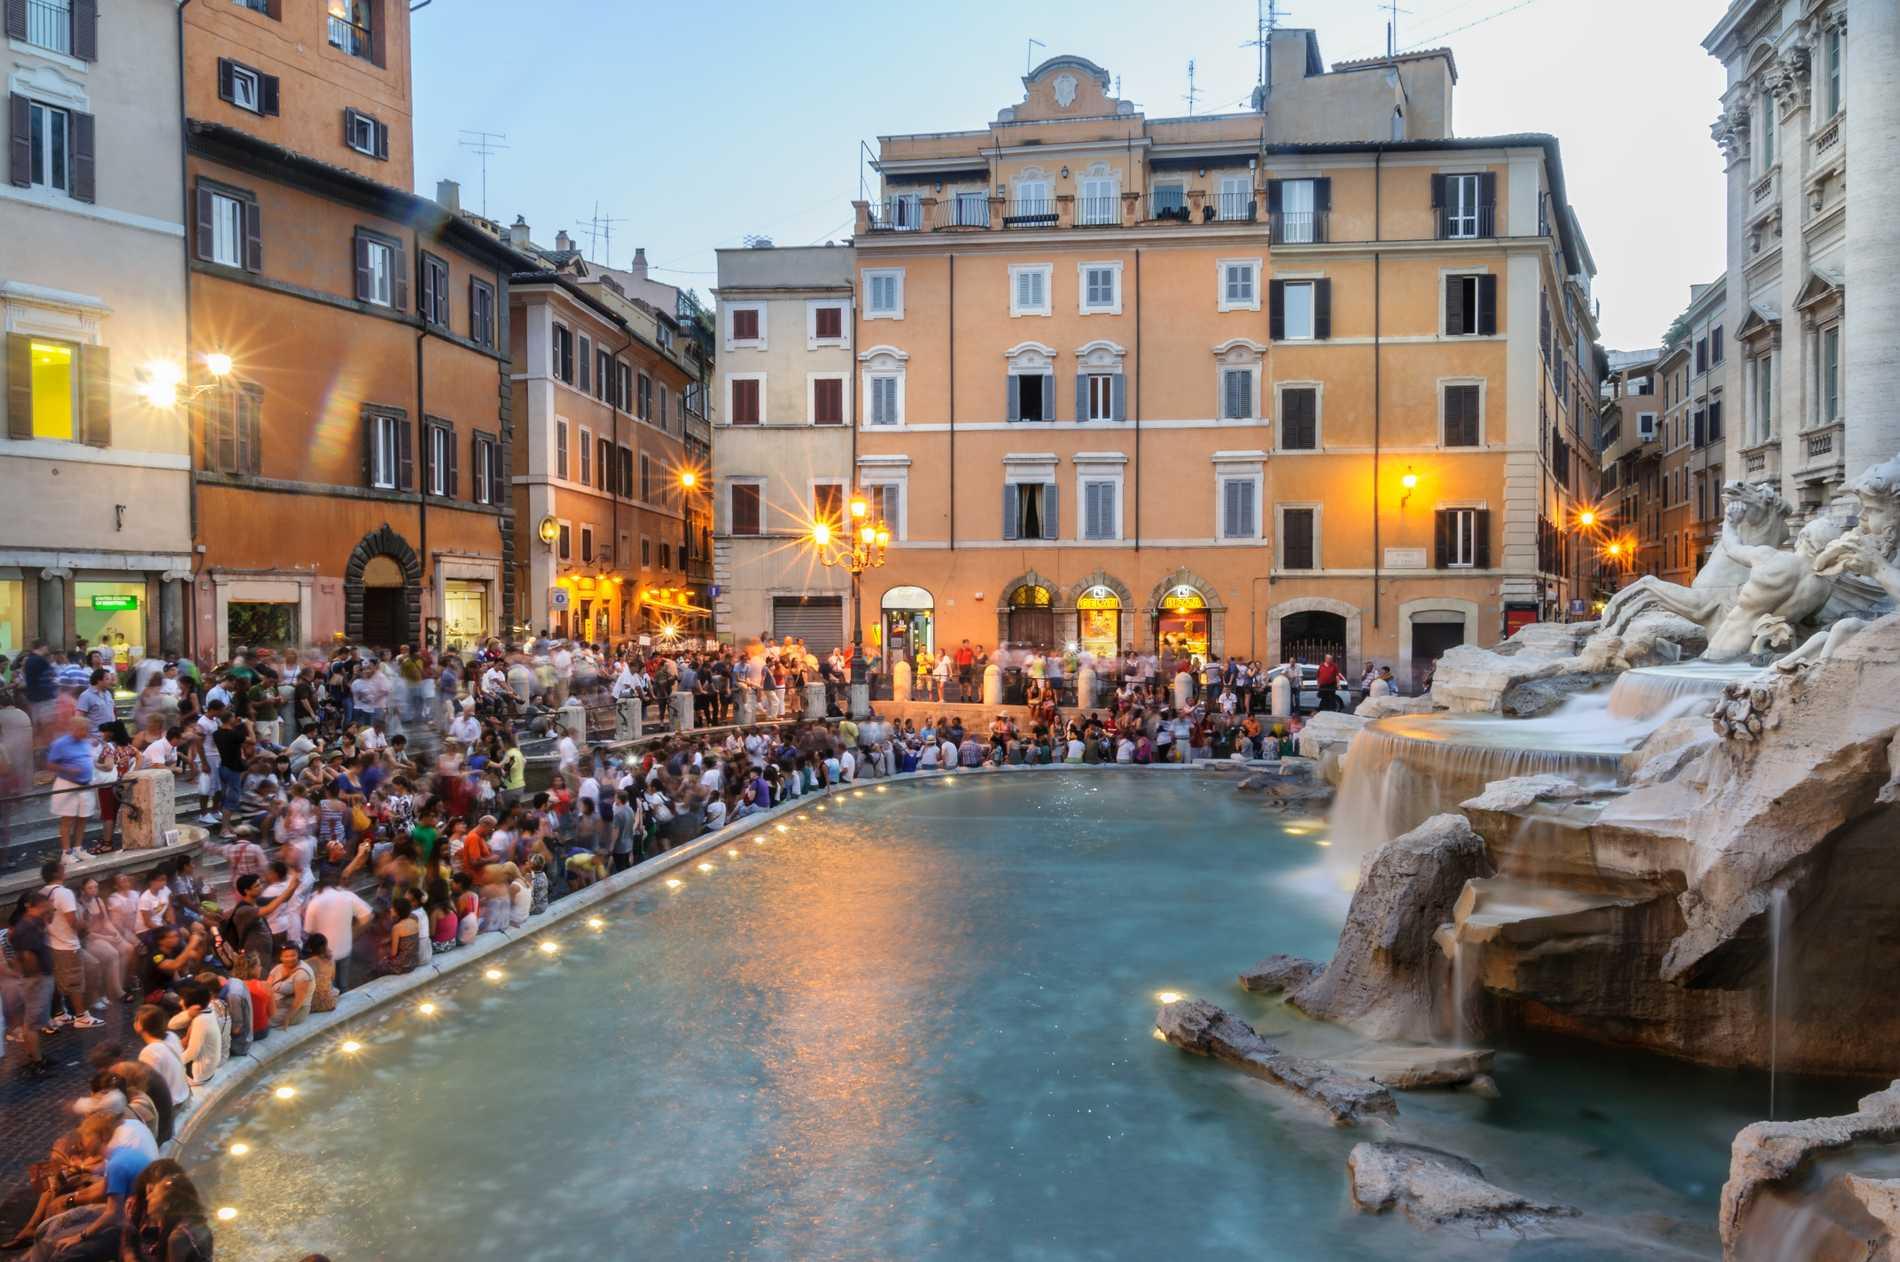 Det är främst Italienska städer som infört hårda regler för att kontroller turisterna.